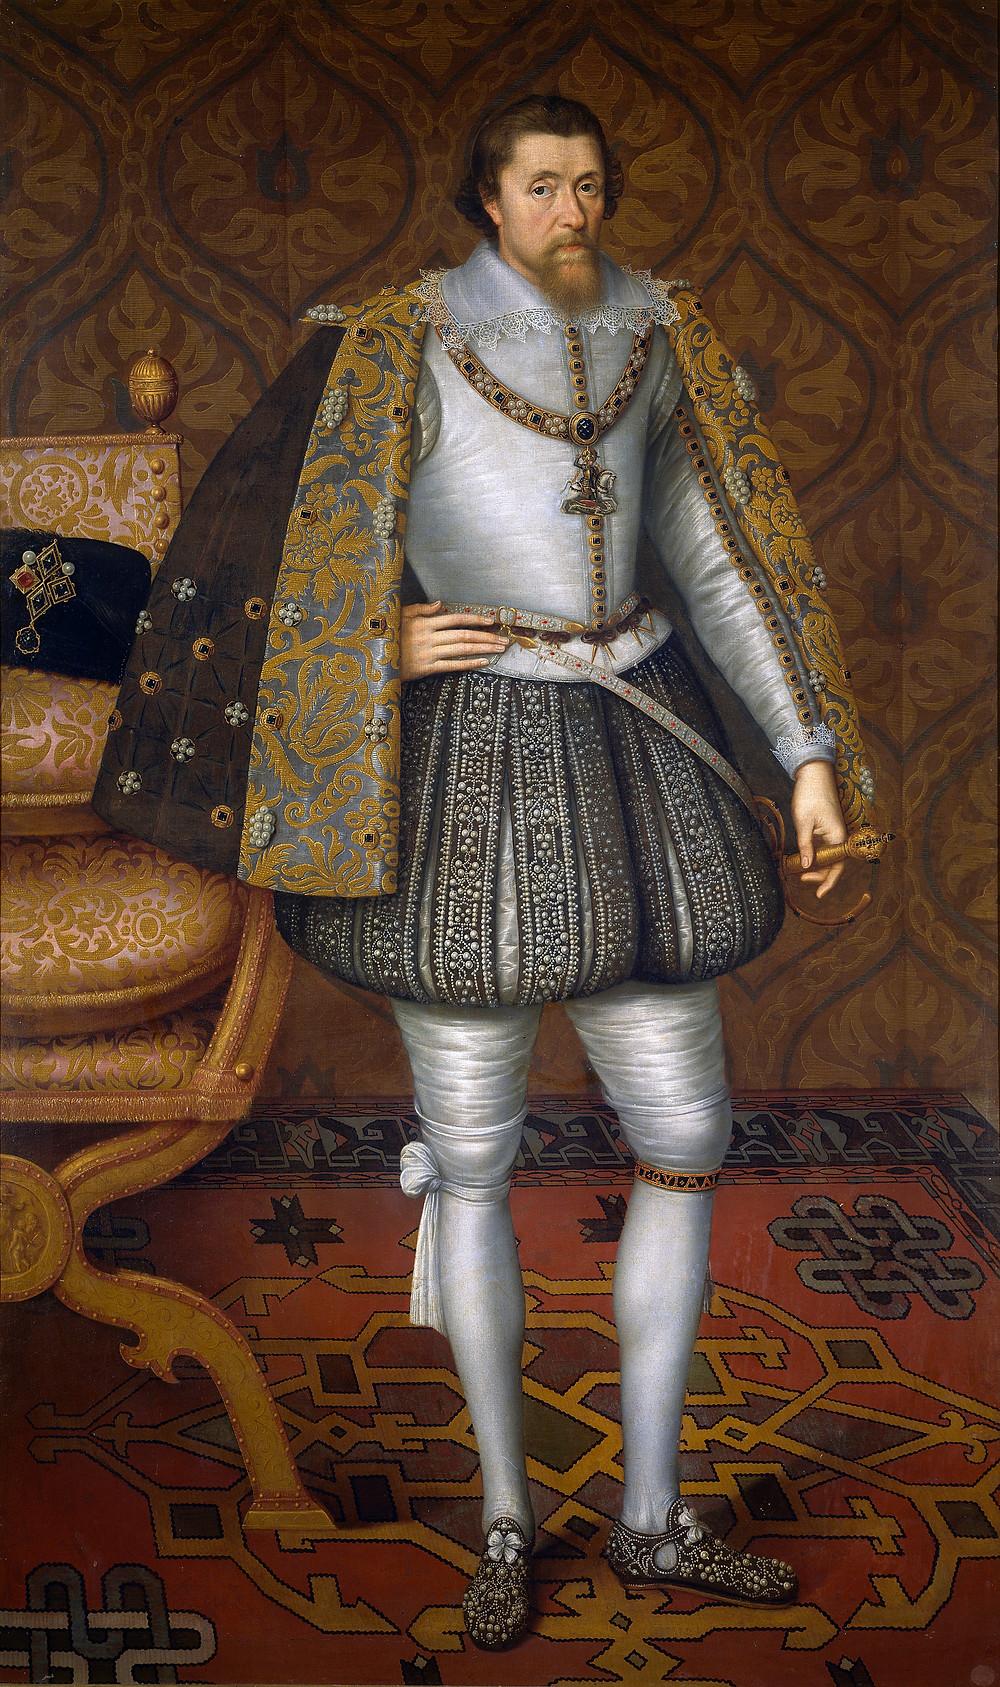 King James VI & I portrait painting by John de Critz, c.1605